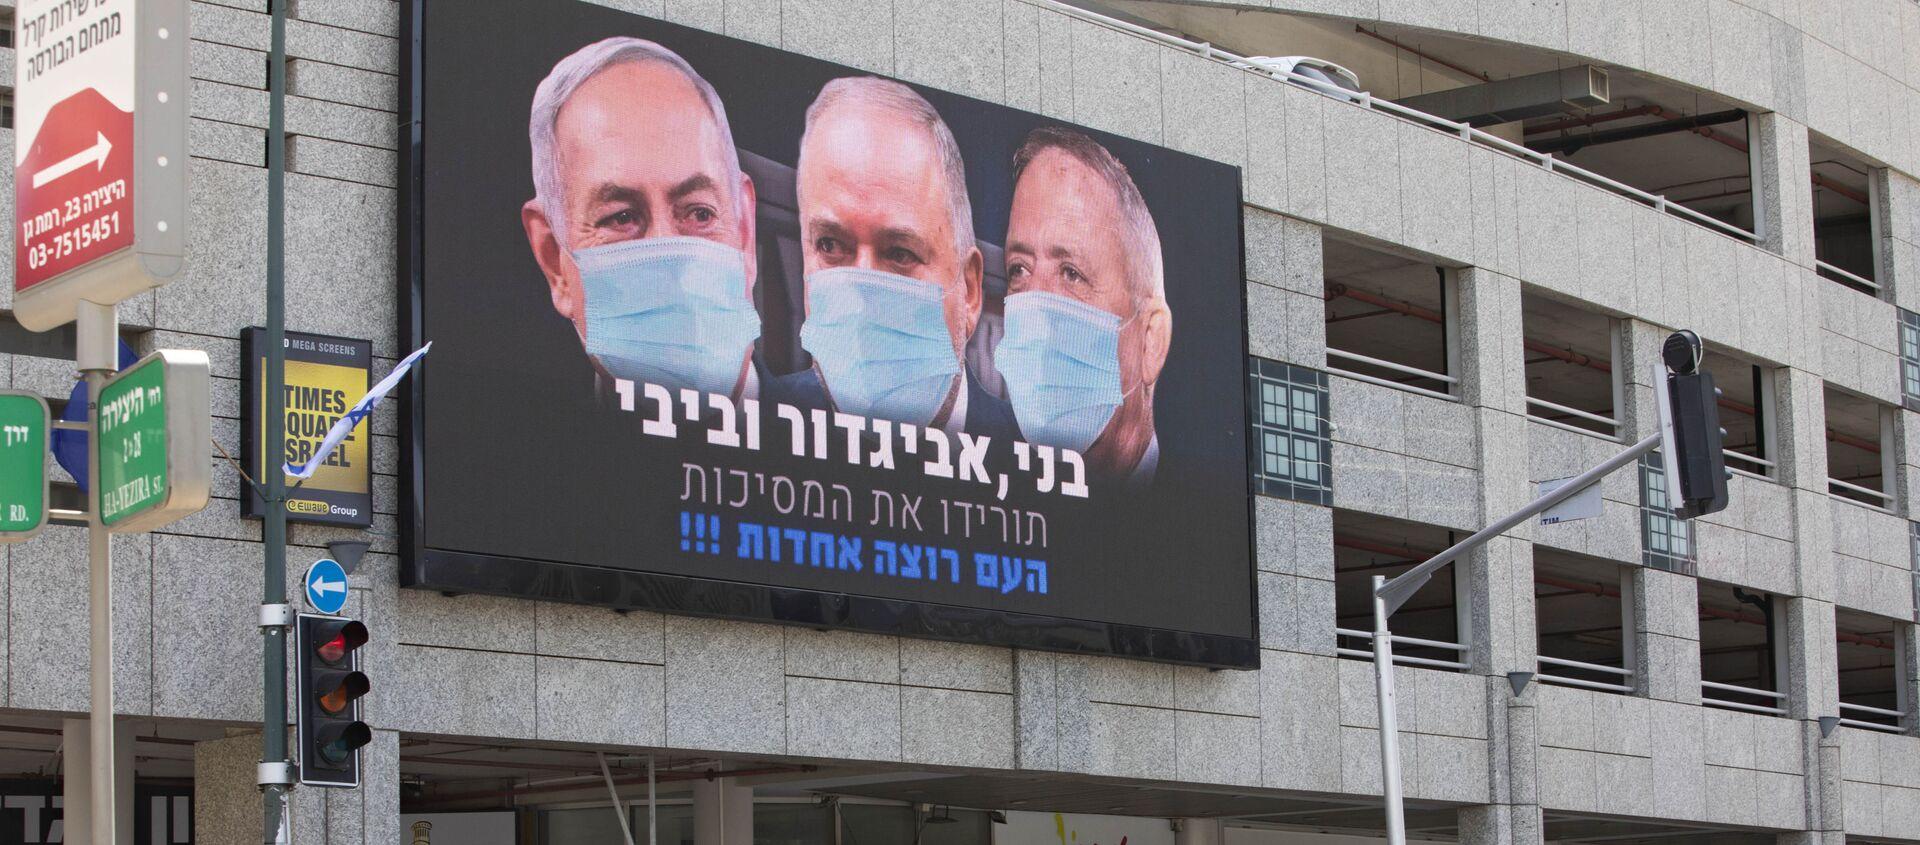 Плакат с изображением премьер-министра Беньямина Нетаньяху в маске в Израиле  - Sputnik 日本, 1920, 19.02.2021